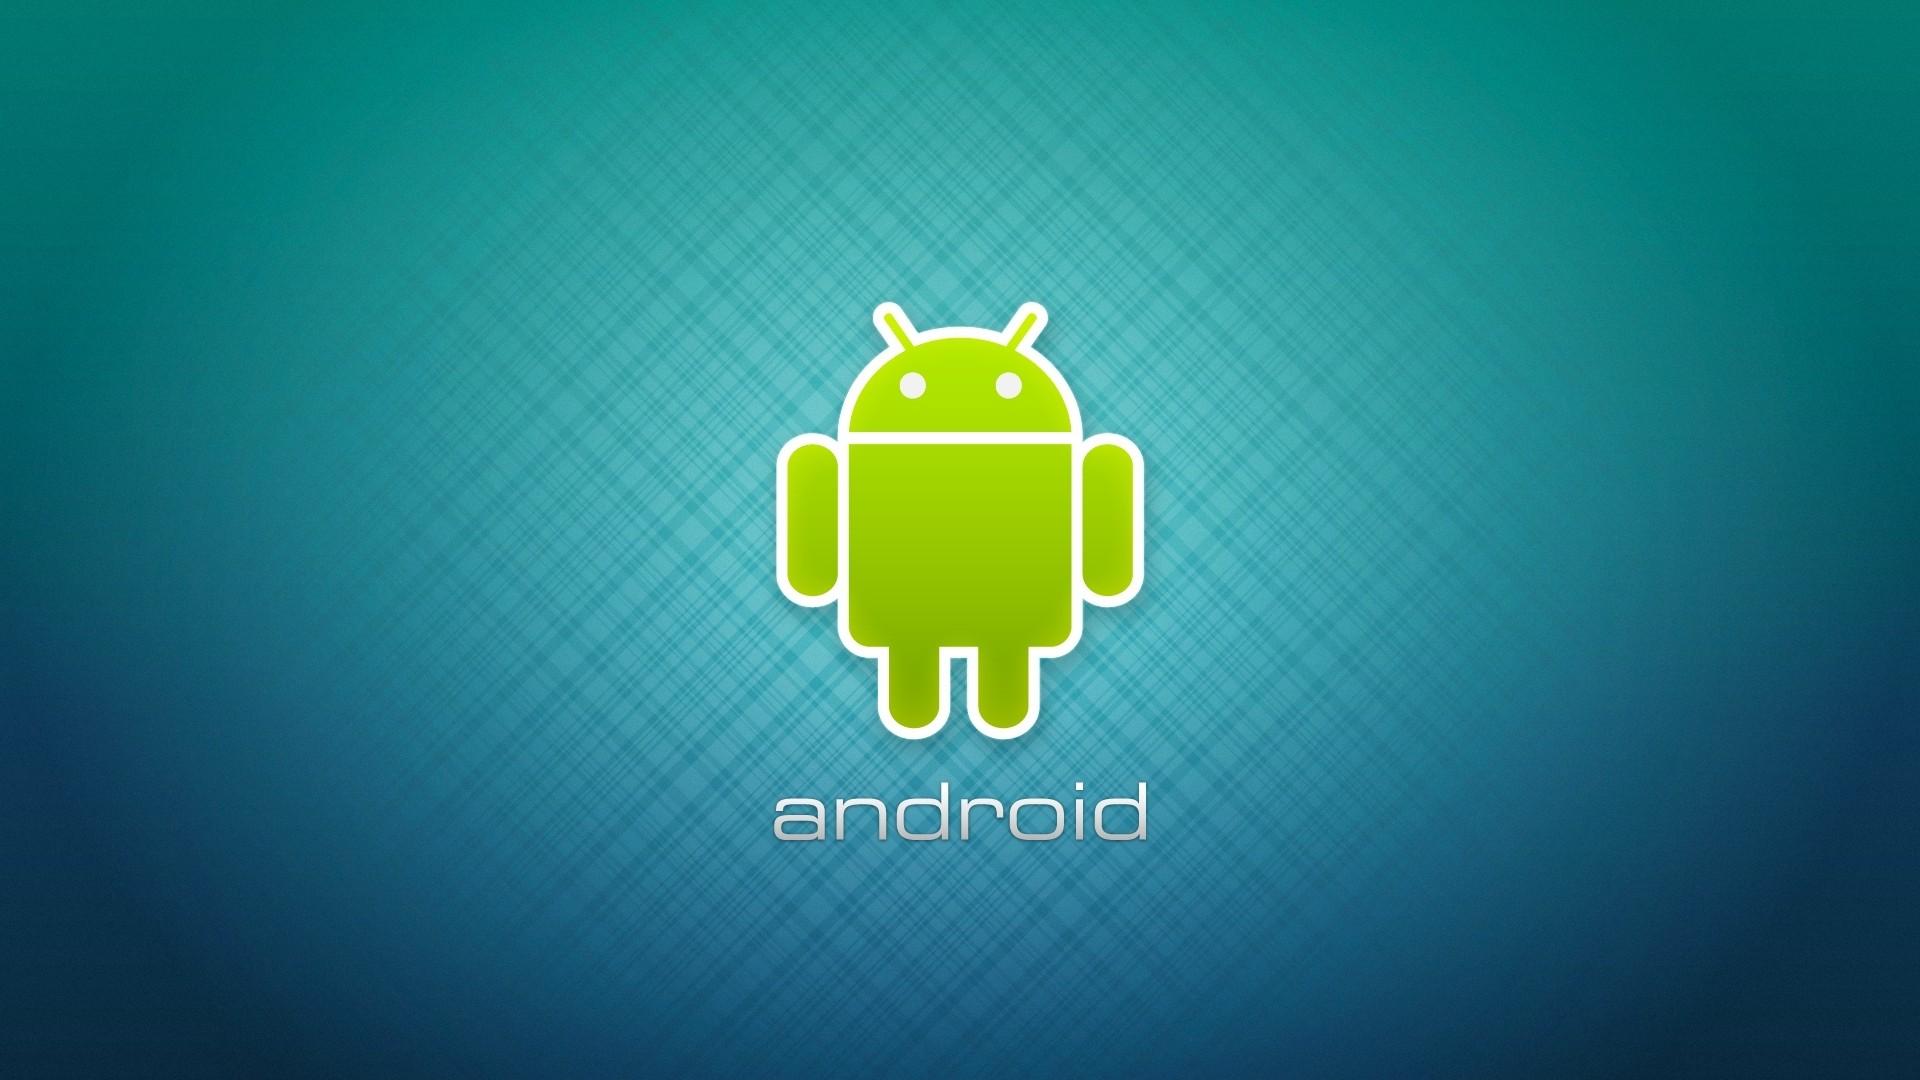 Android USB debugging